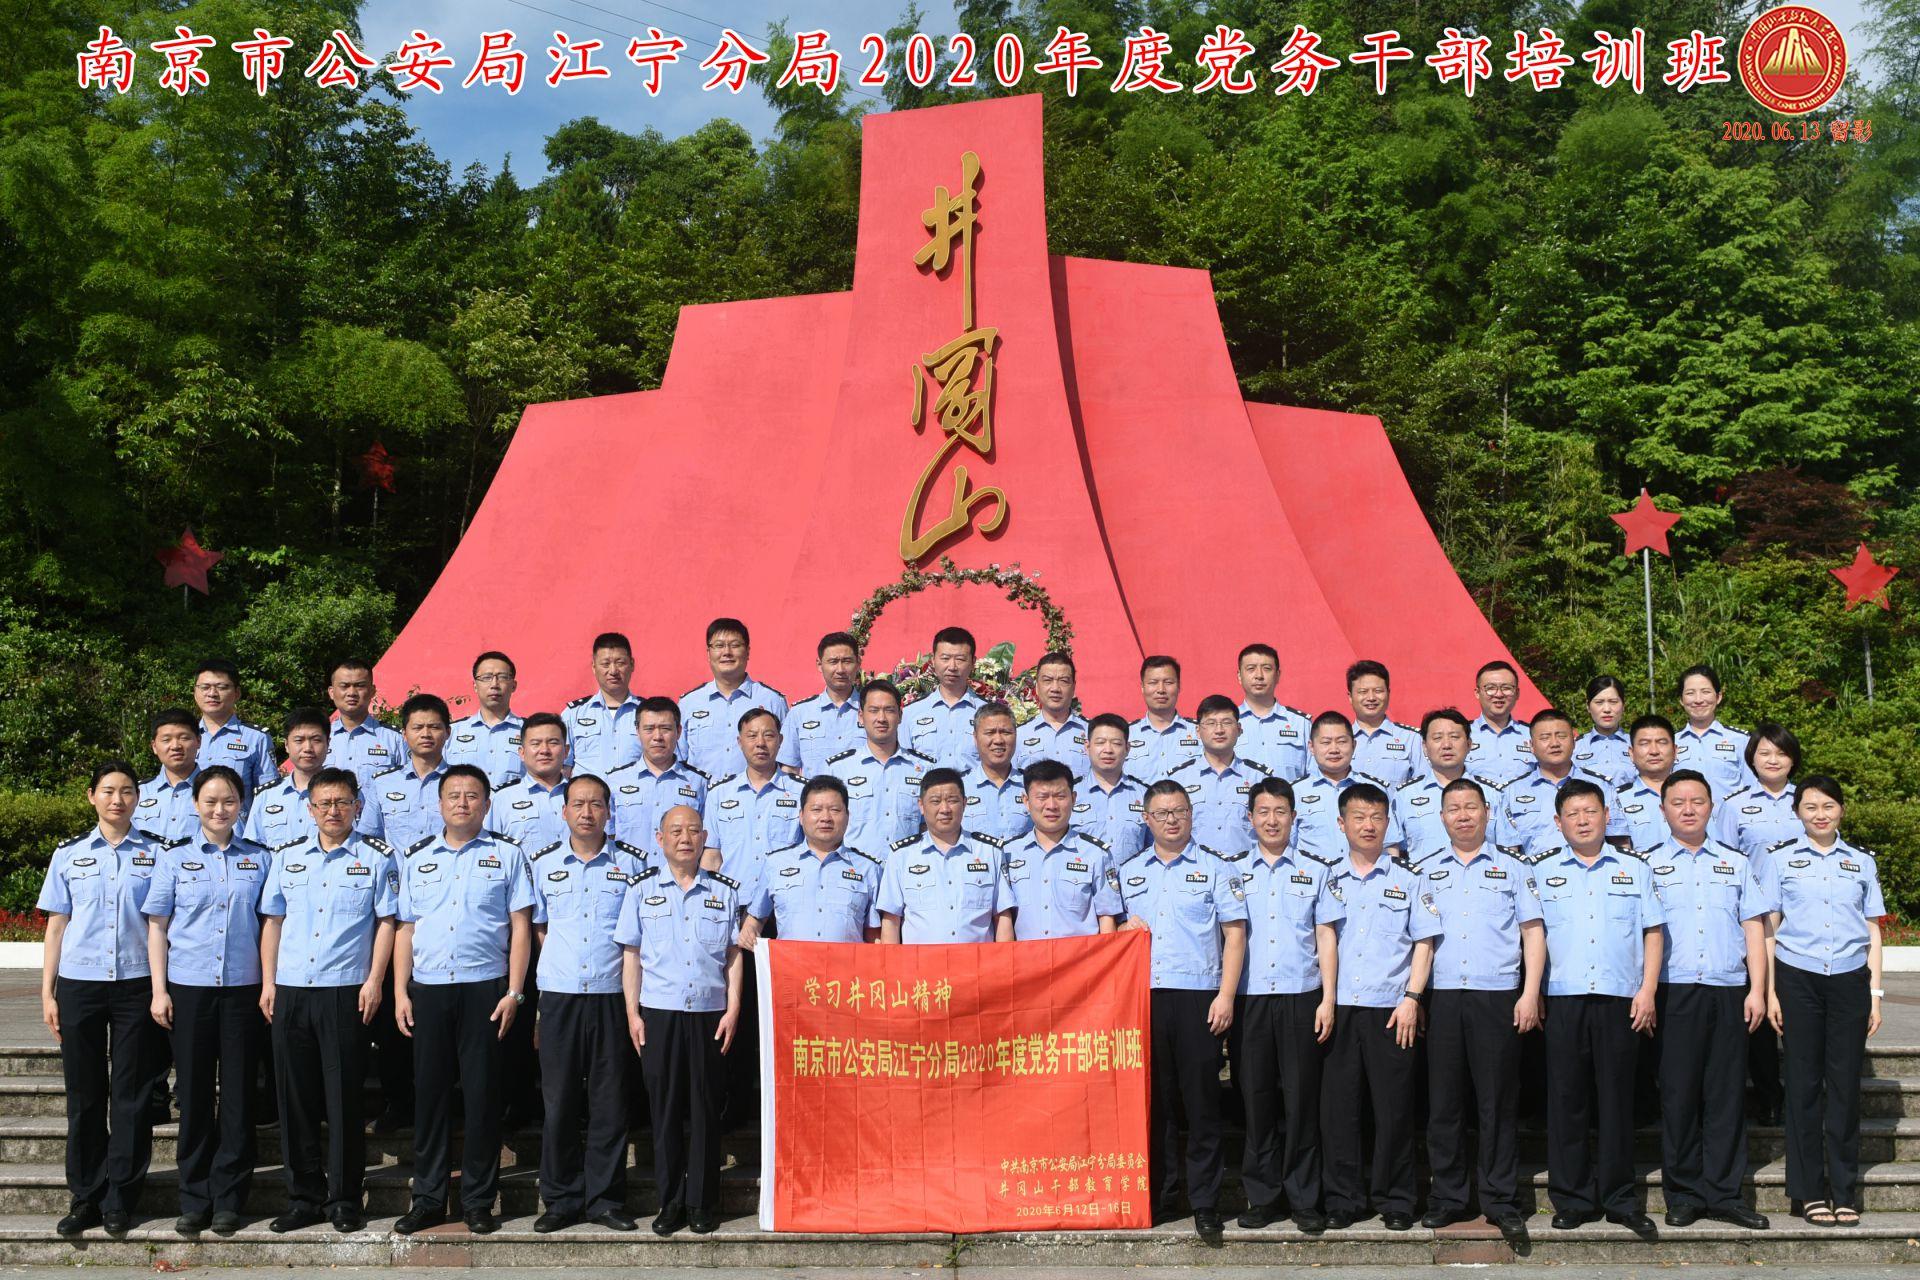 江苏省南京市公安局江宁分局2020年度党务干部培训班